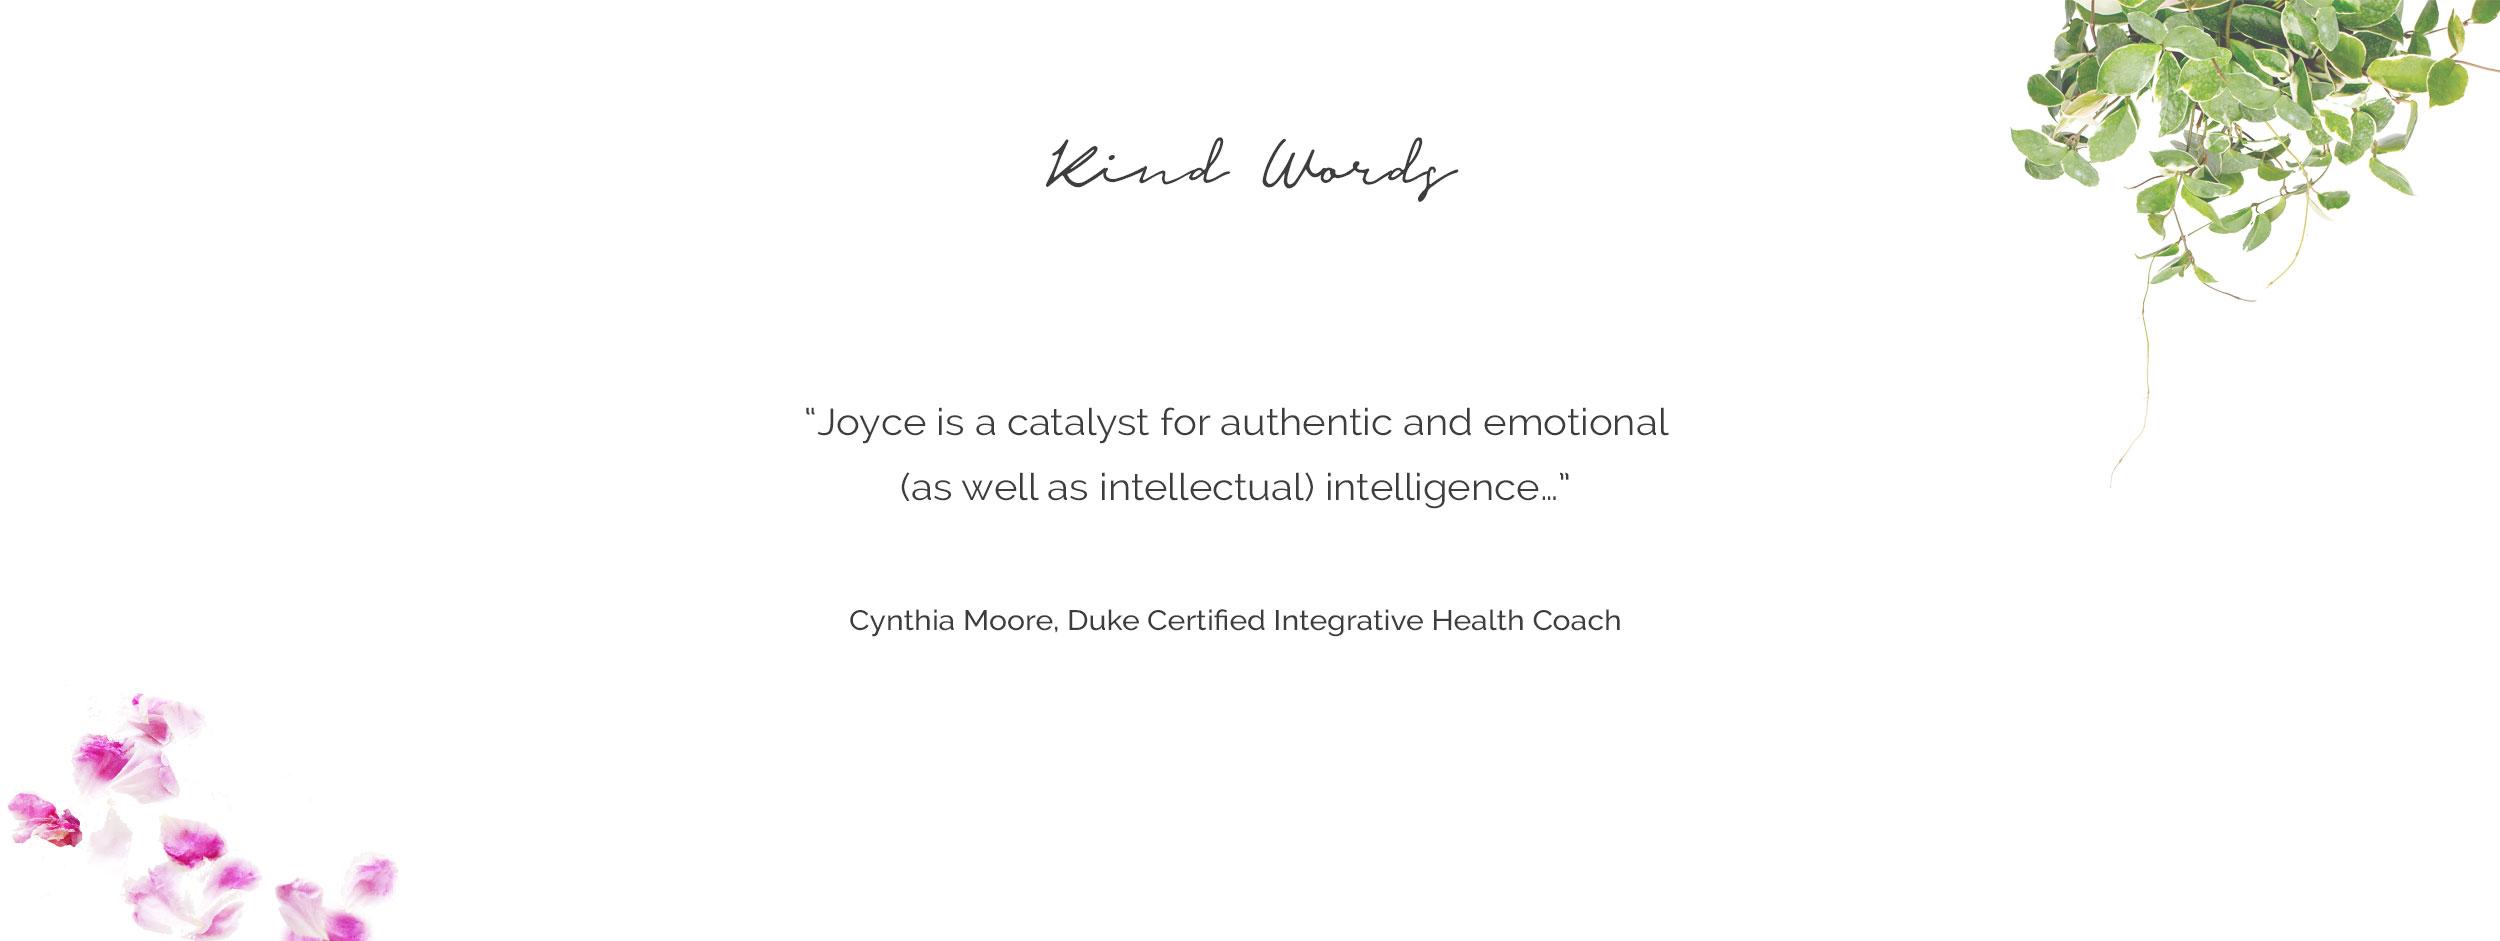 testimonial-Cynthia-Moore-2500.jpg